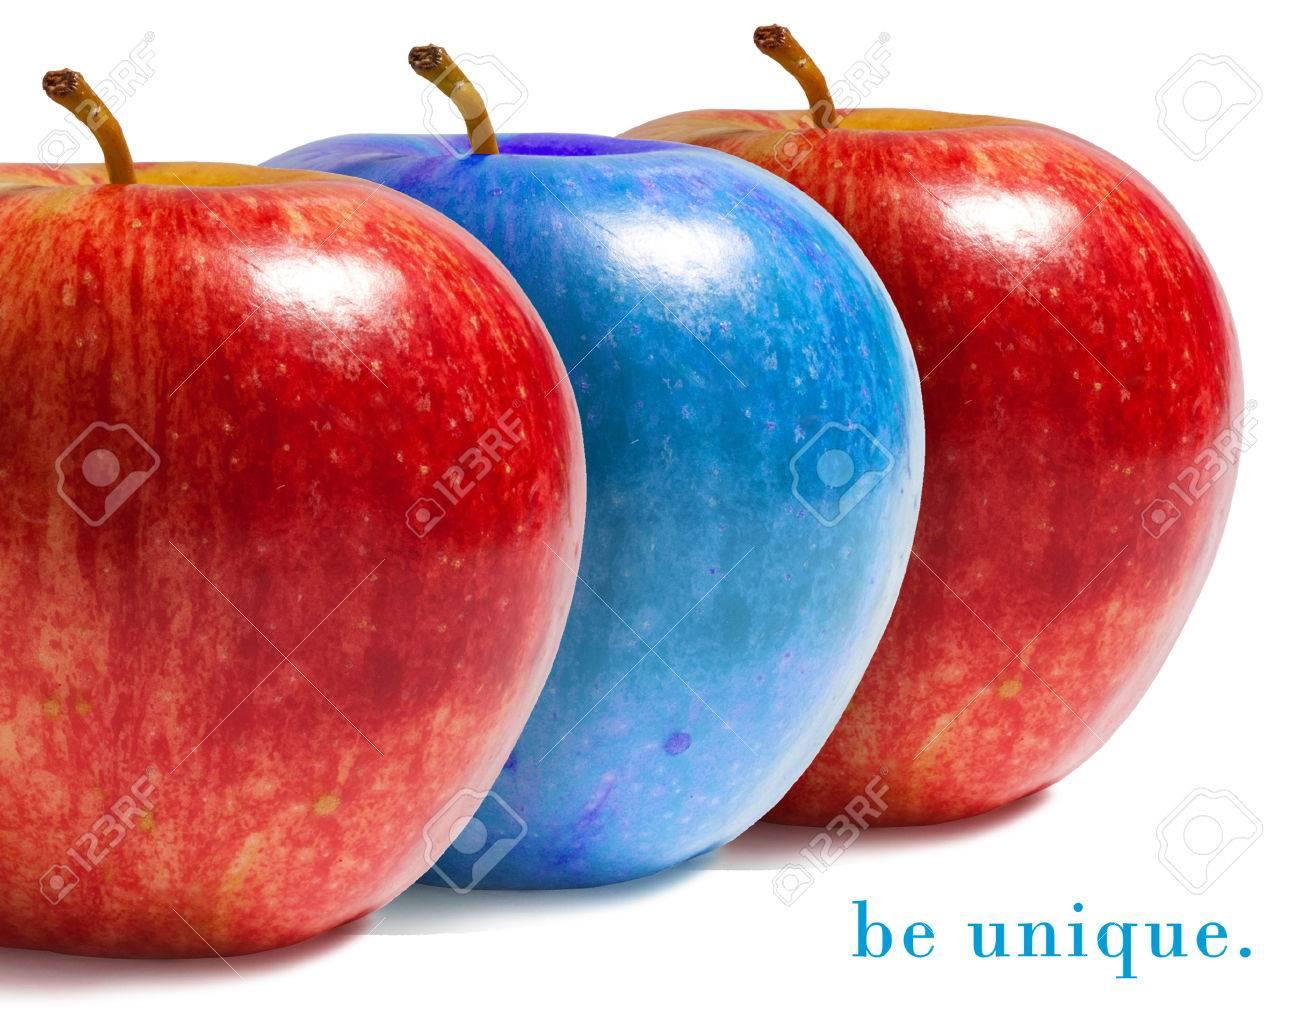 Blue apple between red ones. - 47310062